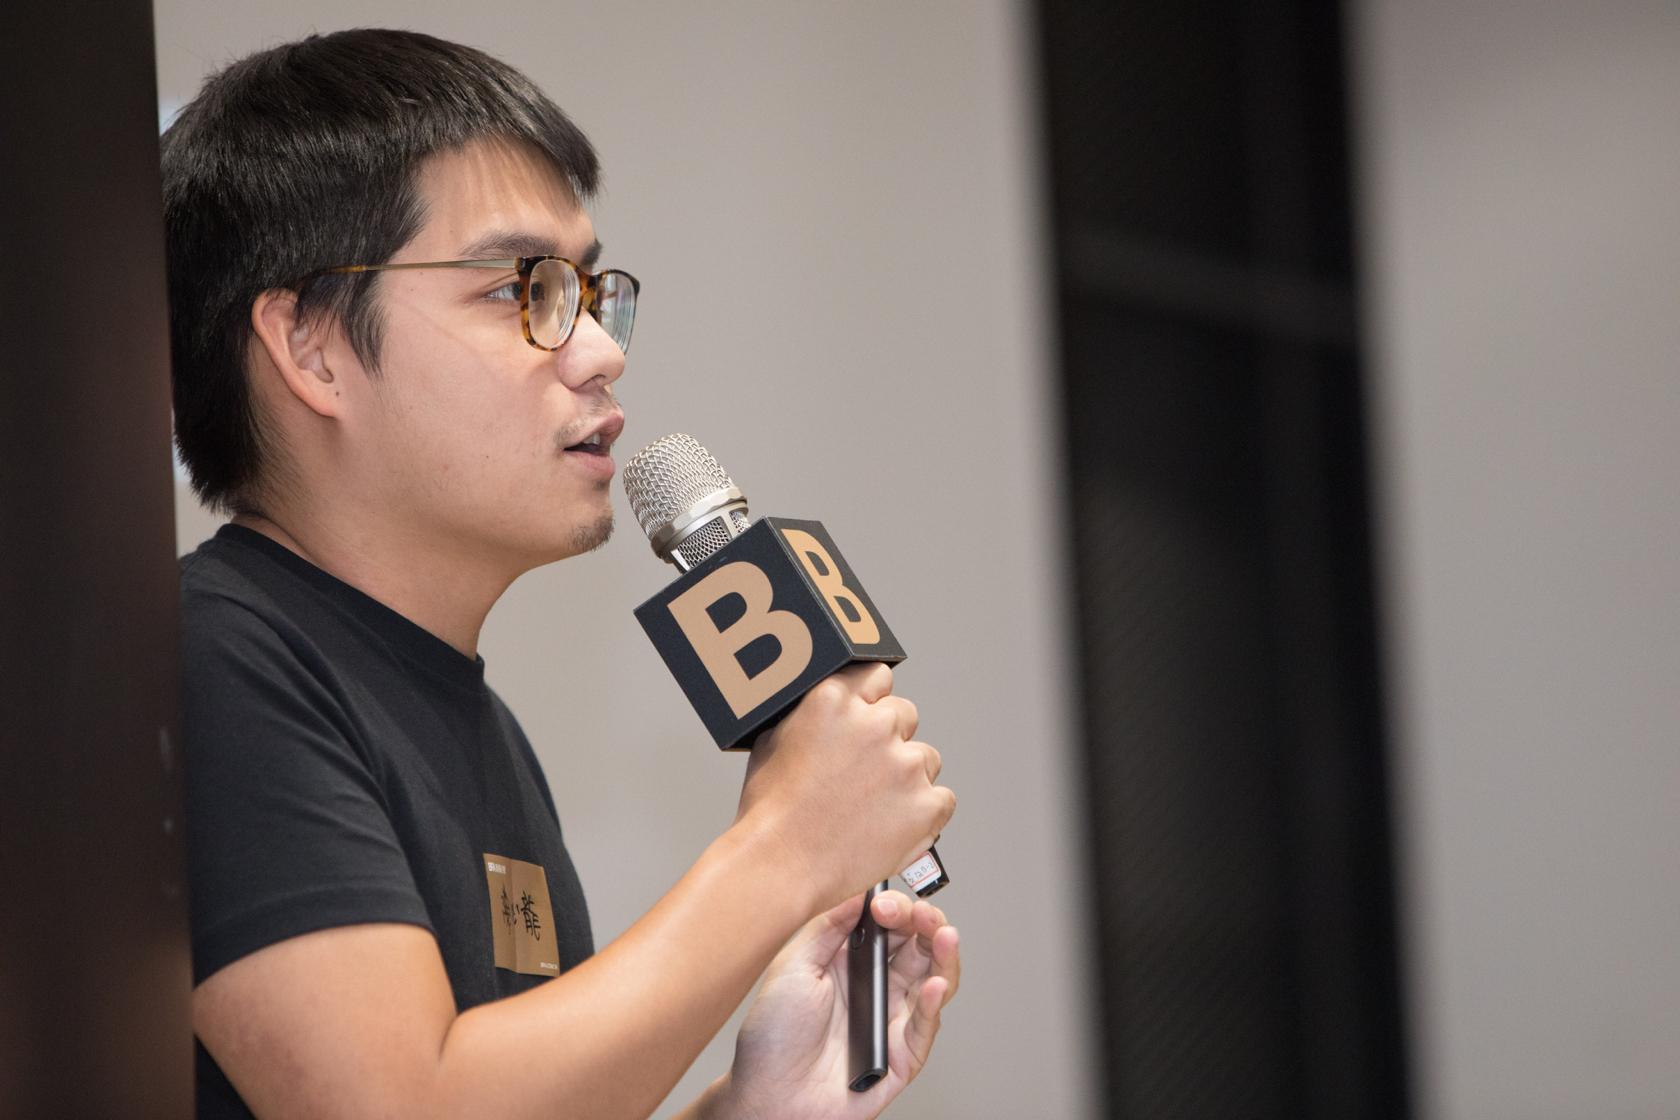 驚喜製造 共同創辦人 陳心龍:設計娛樂,挖掘價值